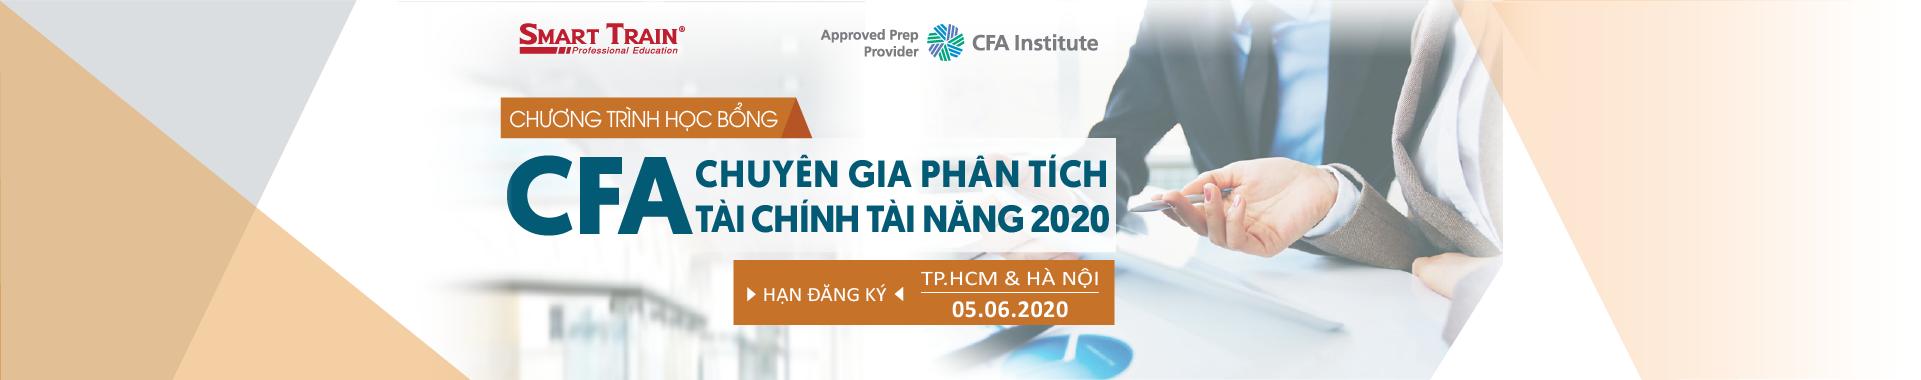 Chuyen gia phan tich tai chinh tai nang 2020-02